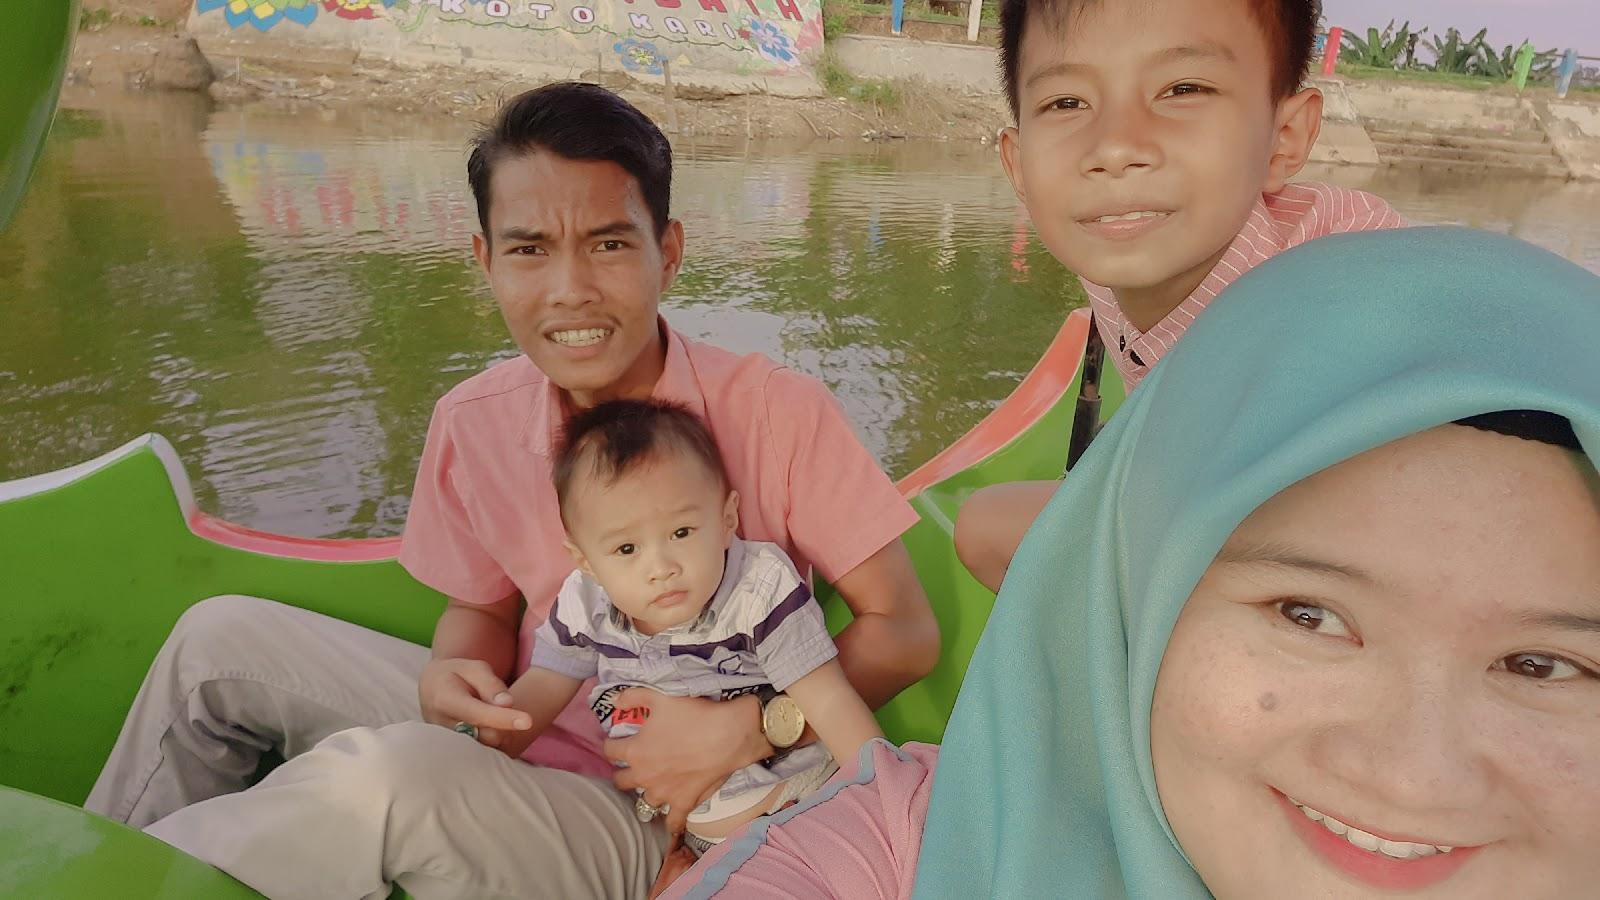 Wisata Danau Koto Kari, Gowes Bebek di Danau Desa Wisata